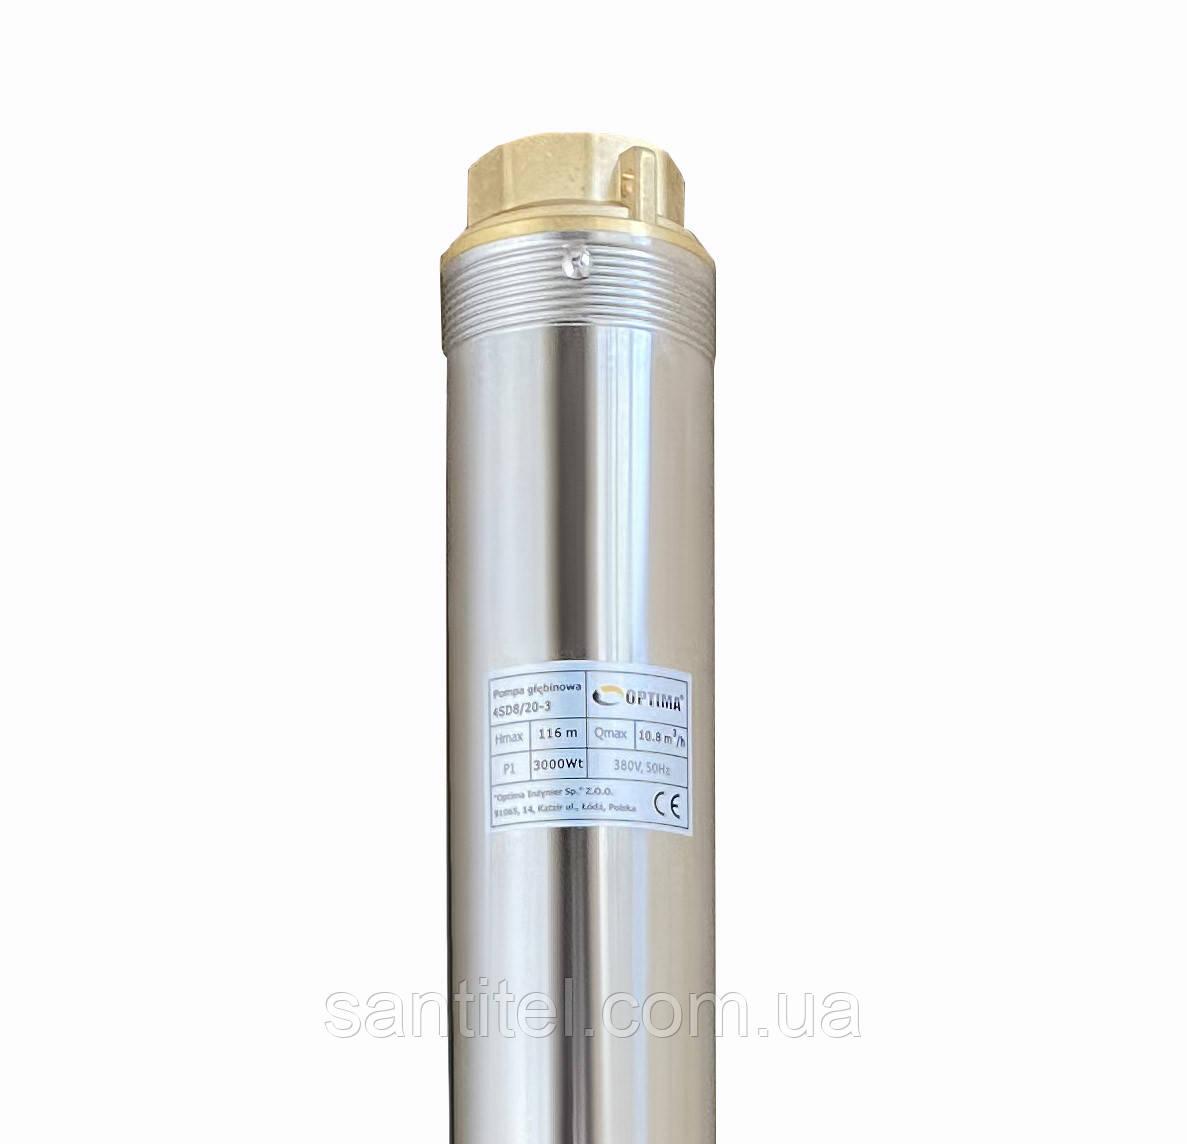 Насос скважинный с повышенной уст-тью к песку  OPTIMA  4SD 8/20 3,0 кВт 116м 3-х фазный